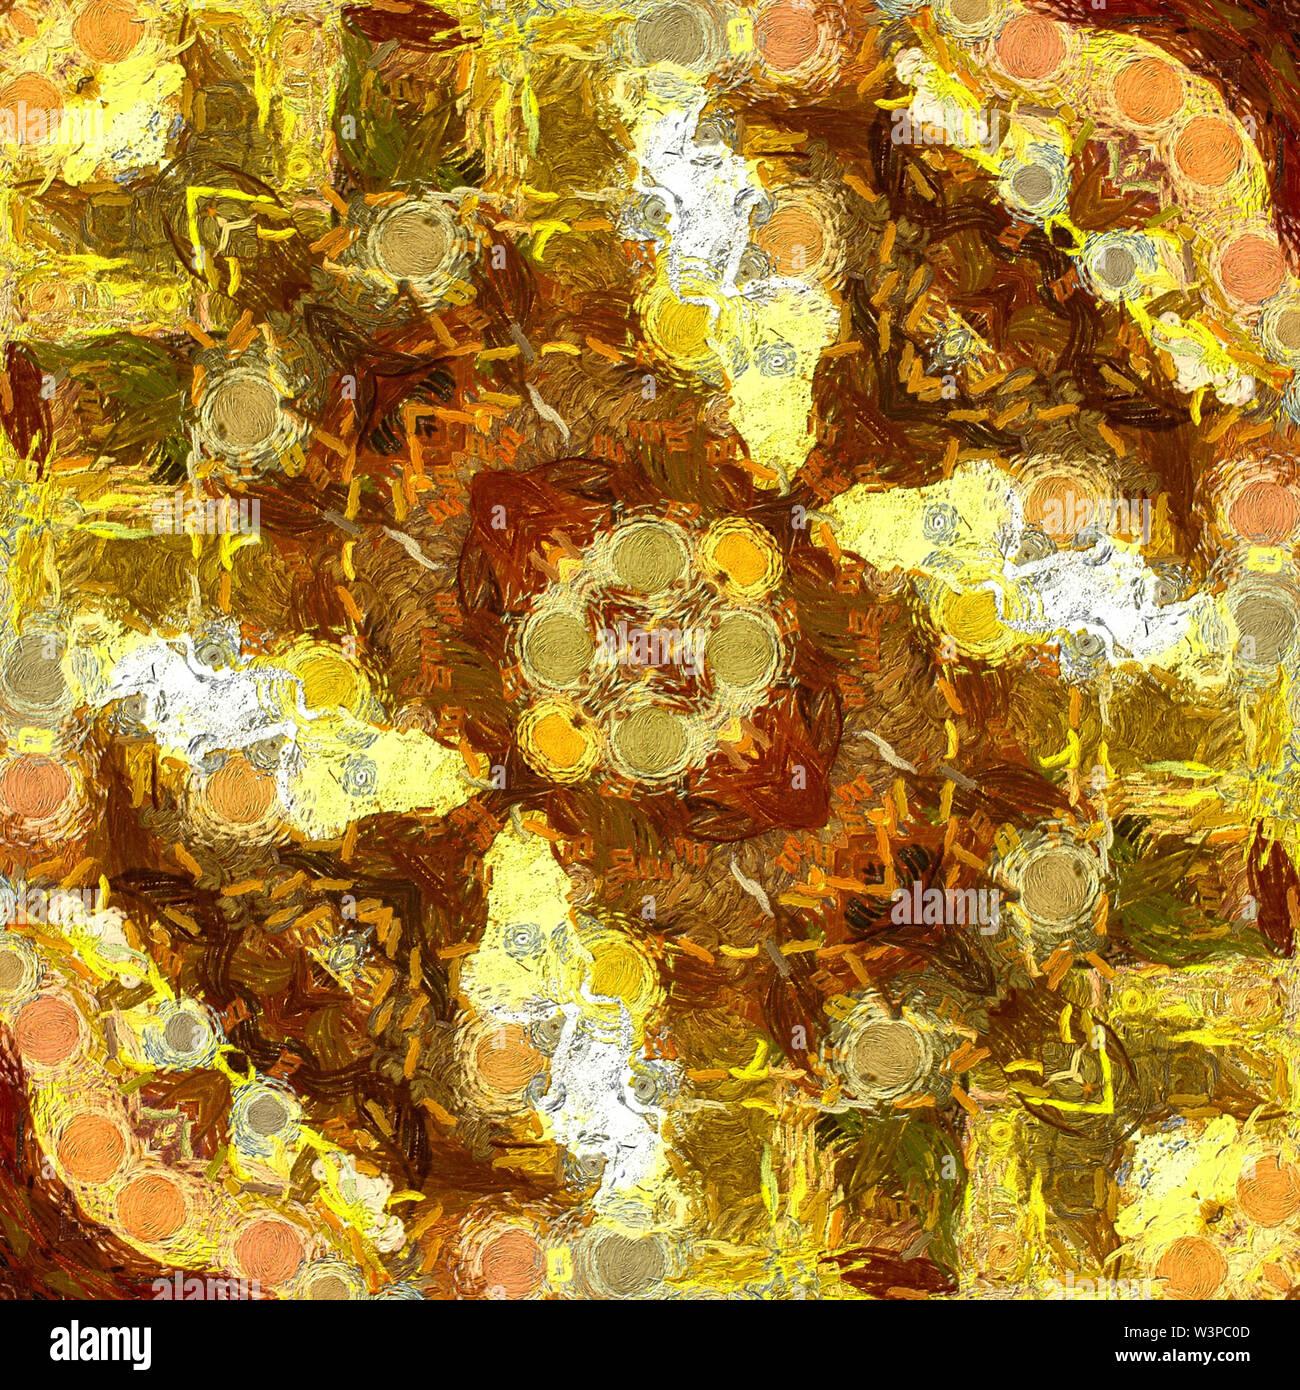 Résumé arrière-plan modèle d'or pour créer des carte design, flyer, bannière ou créatif production imprimée. Décor numérique ou graphique web. Liquid Photo Stock